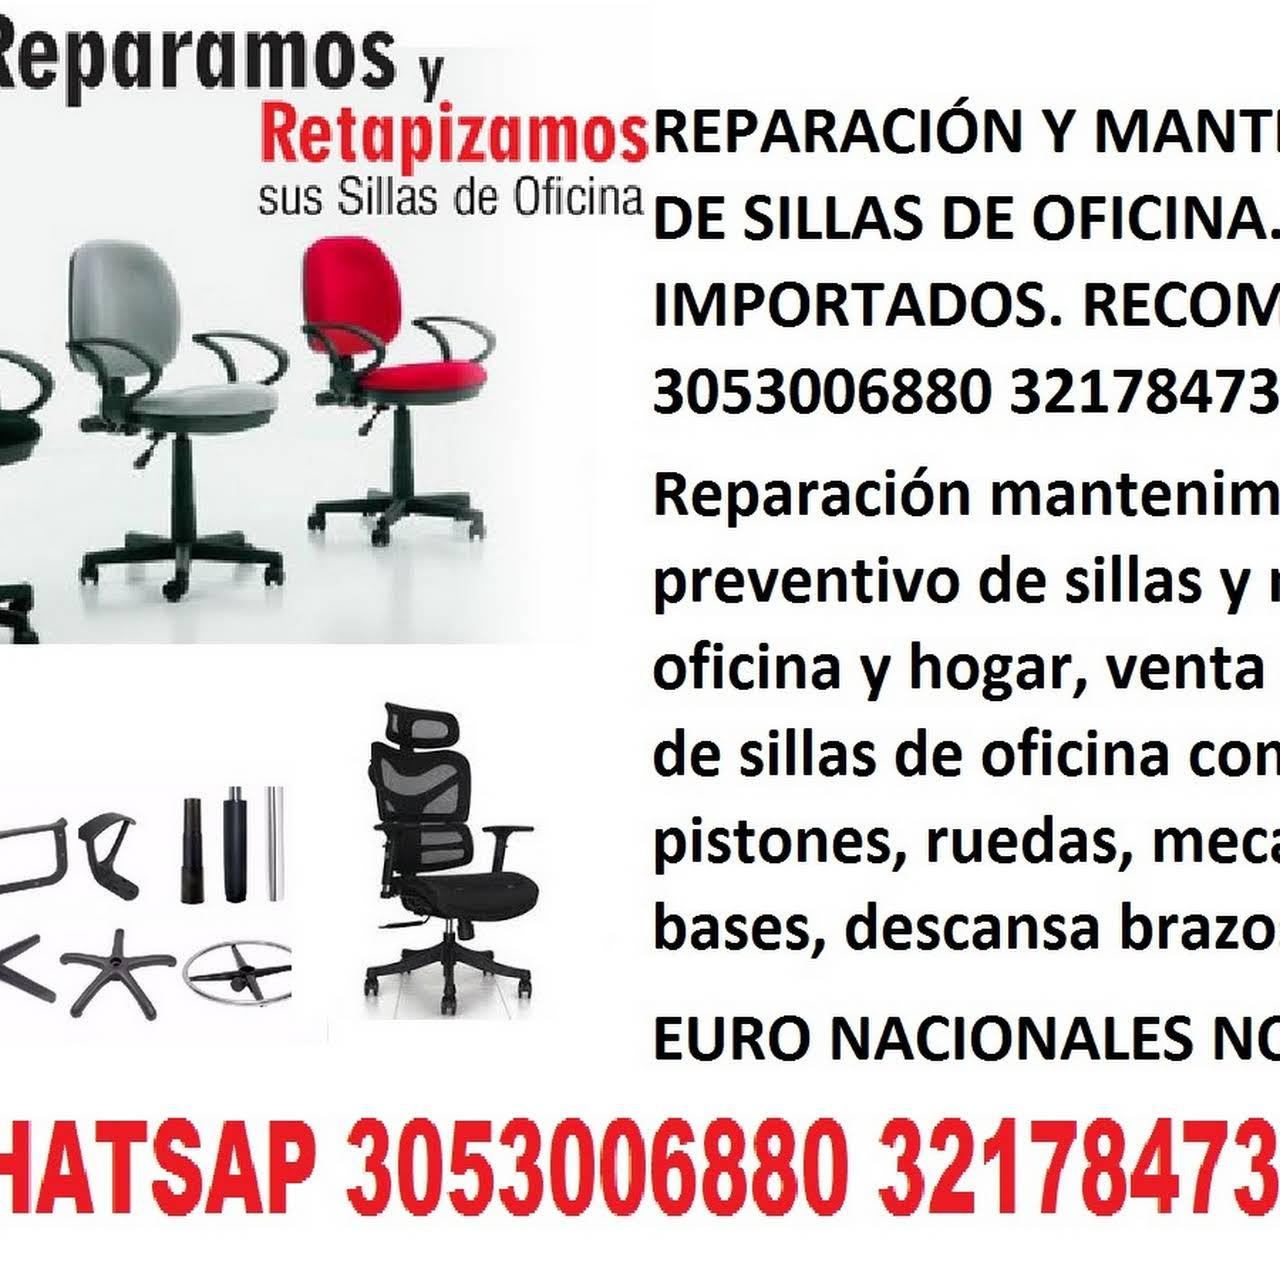 SILLAS DE OFICINA REPARACIÓN Y MANTENIMIENTO EN CALI SILLAS DE ...